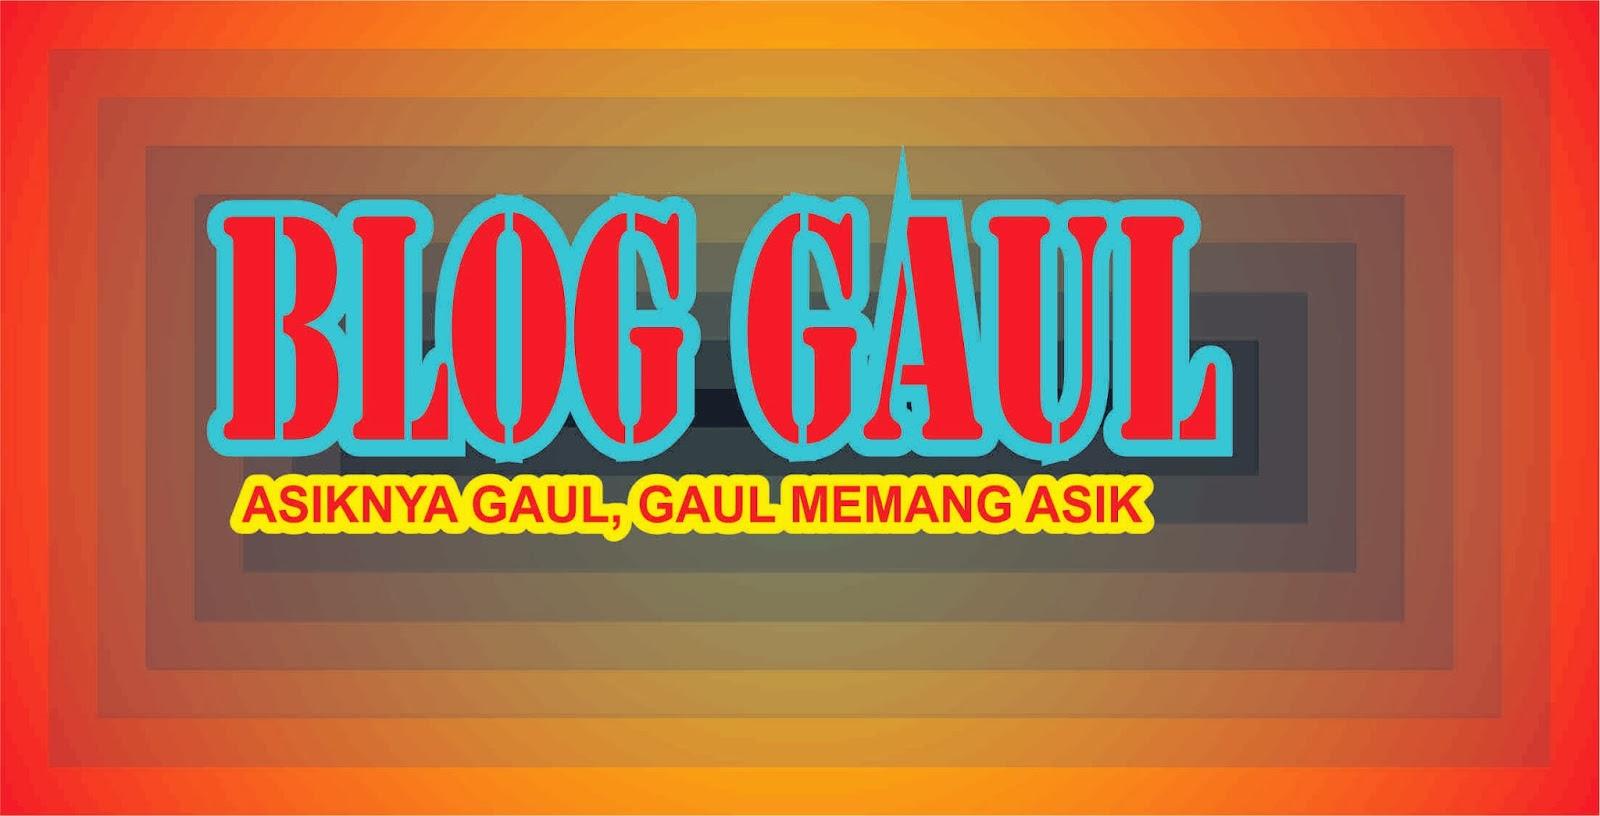 Silabus Bahasa Indonesia Sd Kelas 4 2013 Rpp Bahasa Inggris Berkarakter Sd Gratis Silabus Terbaru Download Rpp Bahasa Indonesia Smp Berkarakter Kelas 7 8 Share The